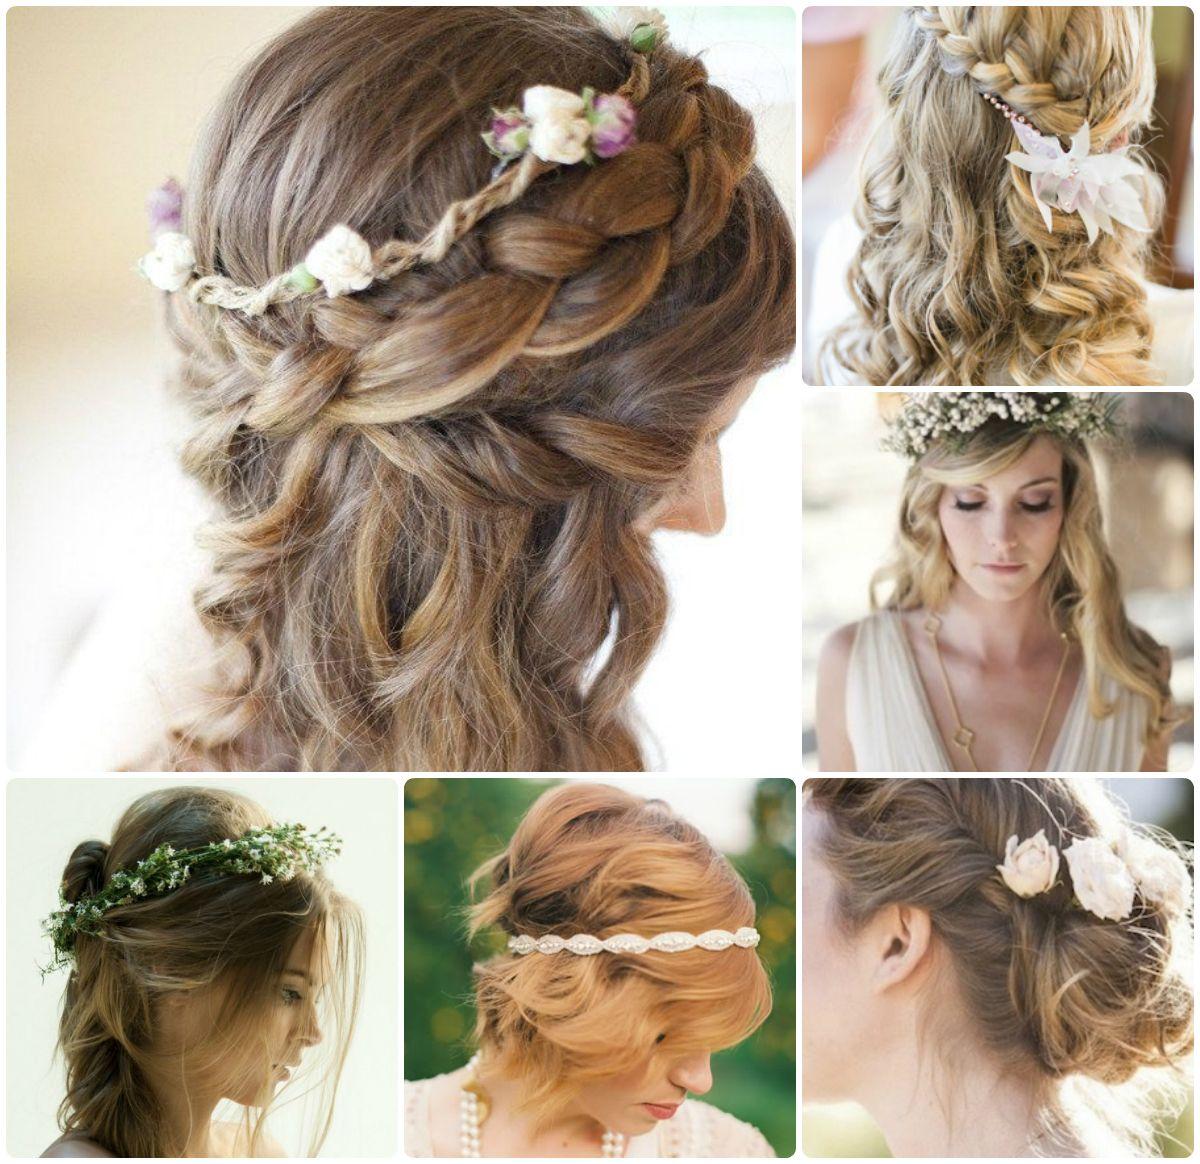 Pin Von Morgan Bird Auf Hair&beauty Pinterest Romantischen